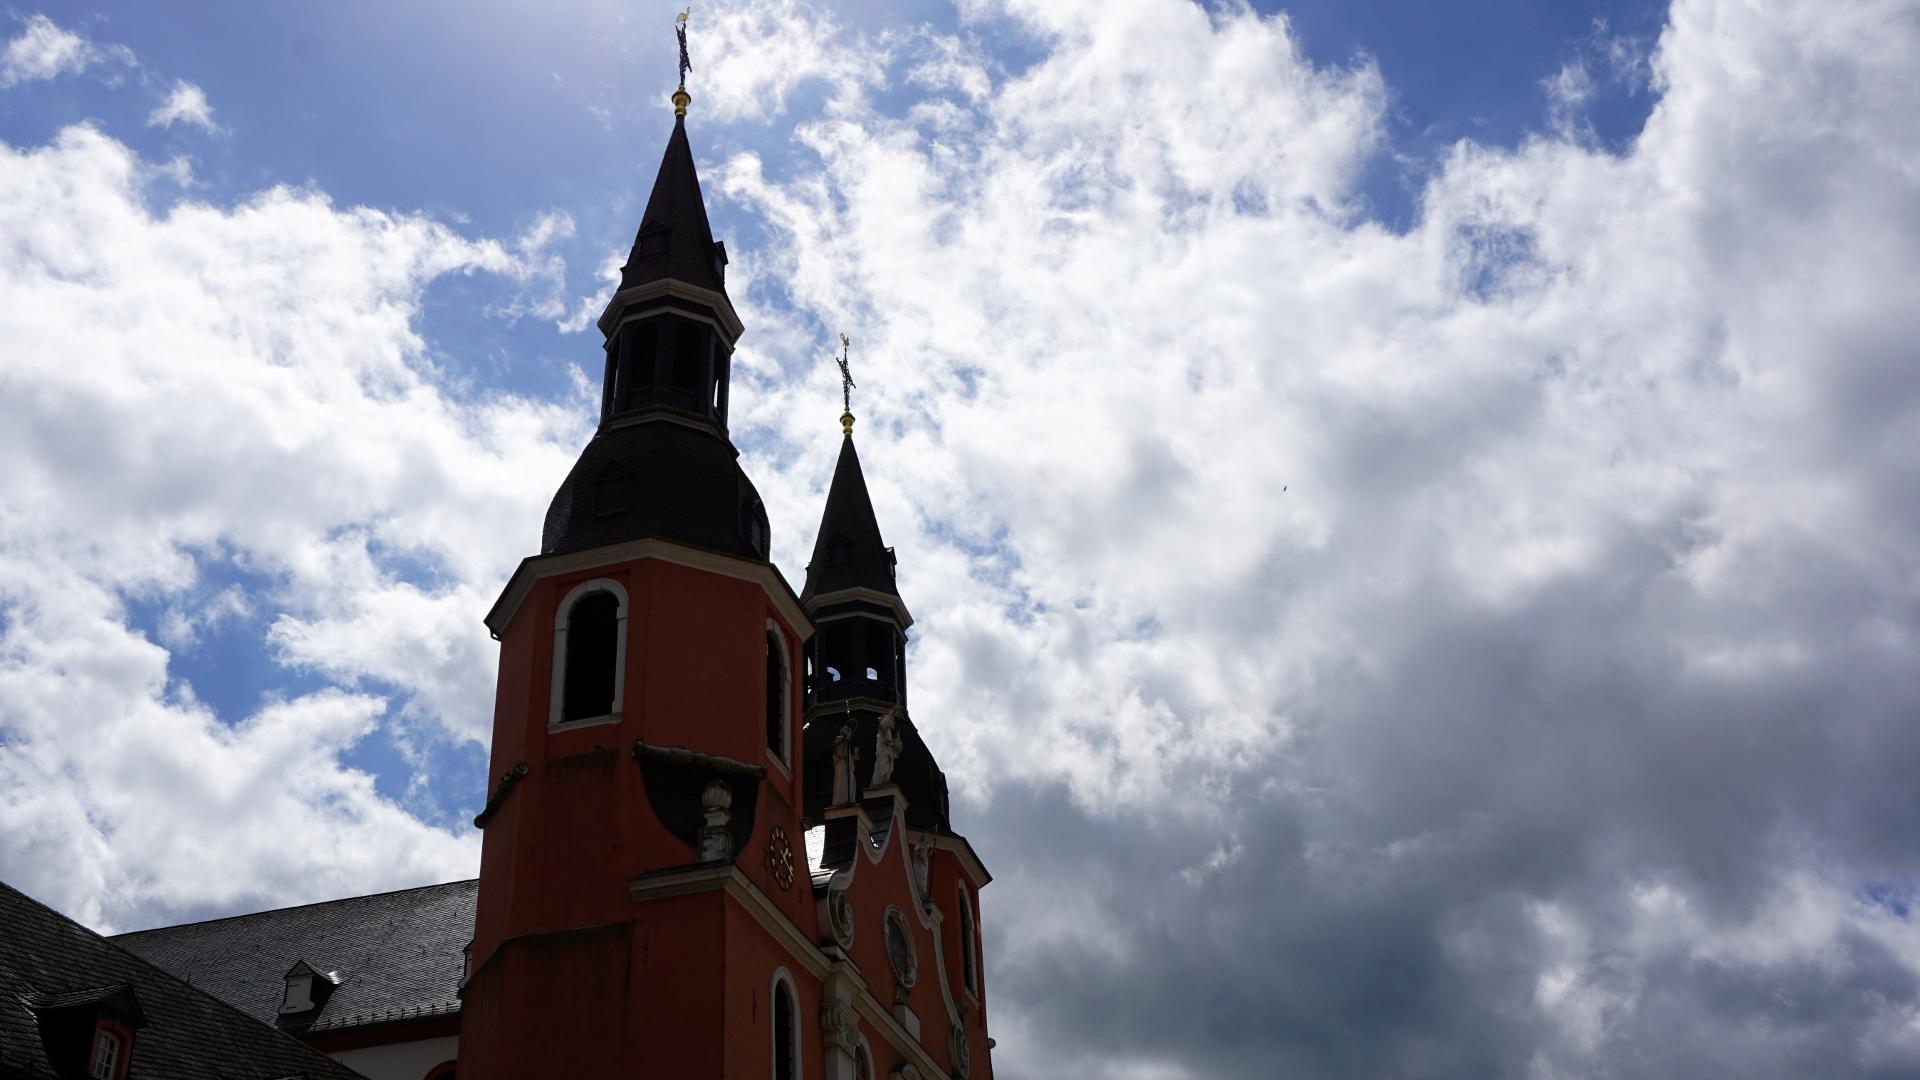 Prüm, eine Reichsabtei — Macht und Pracht eines Klosters